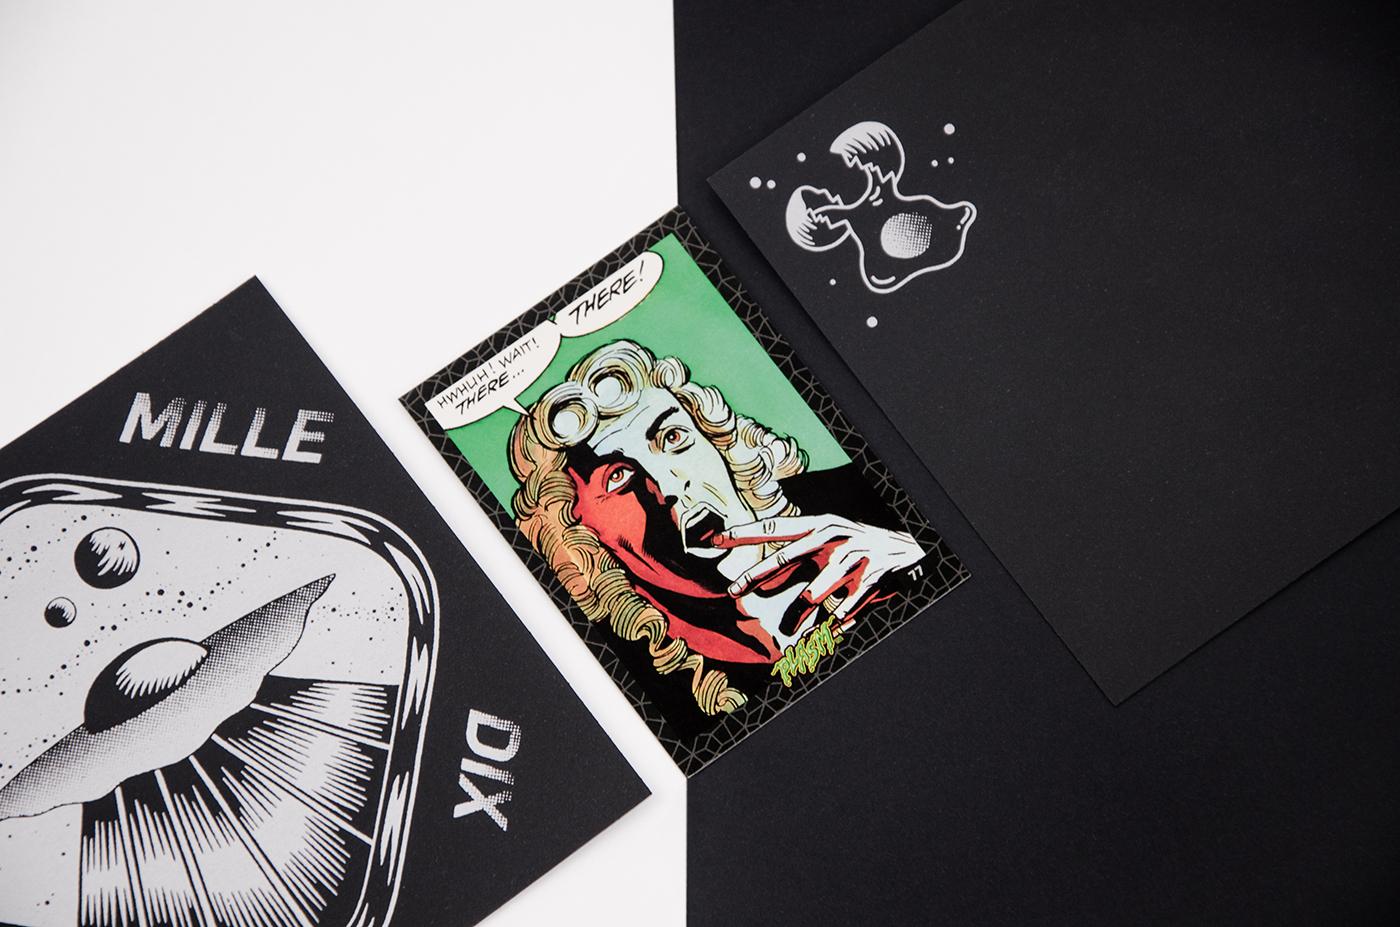 Composition photographique avec les cartes de vœux 2019 et une carte à collectionner